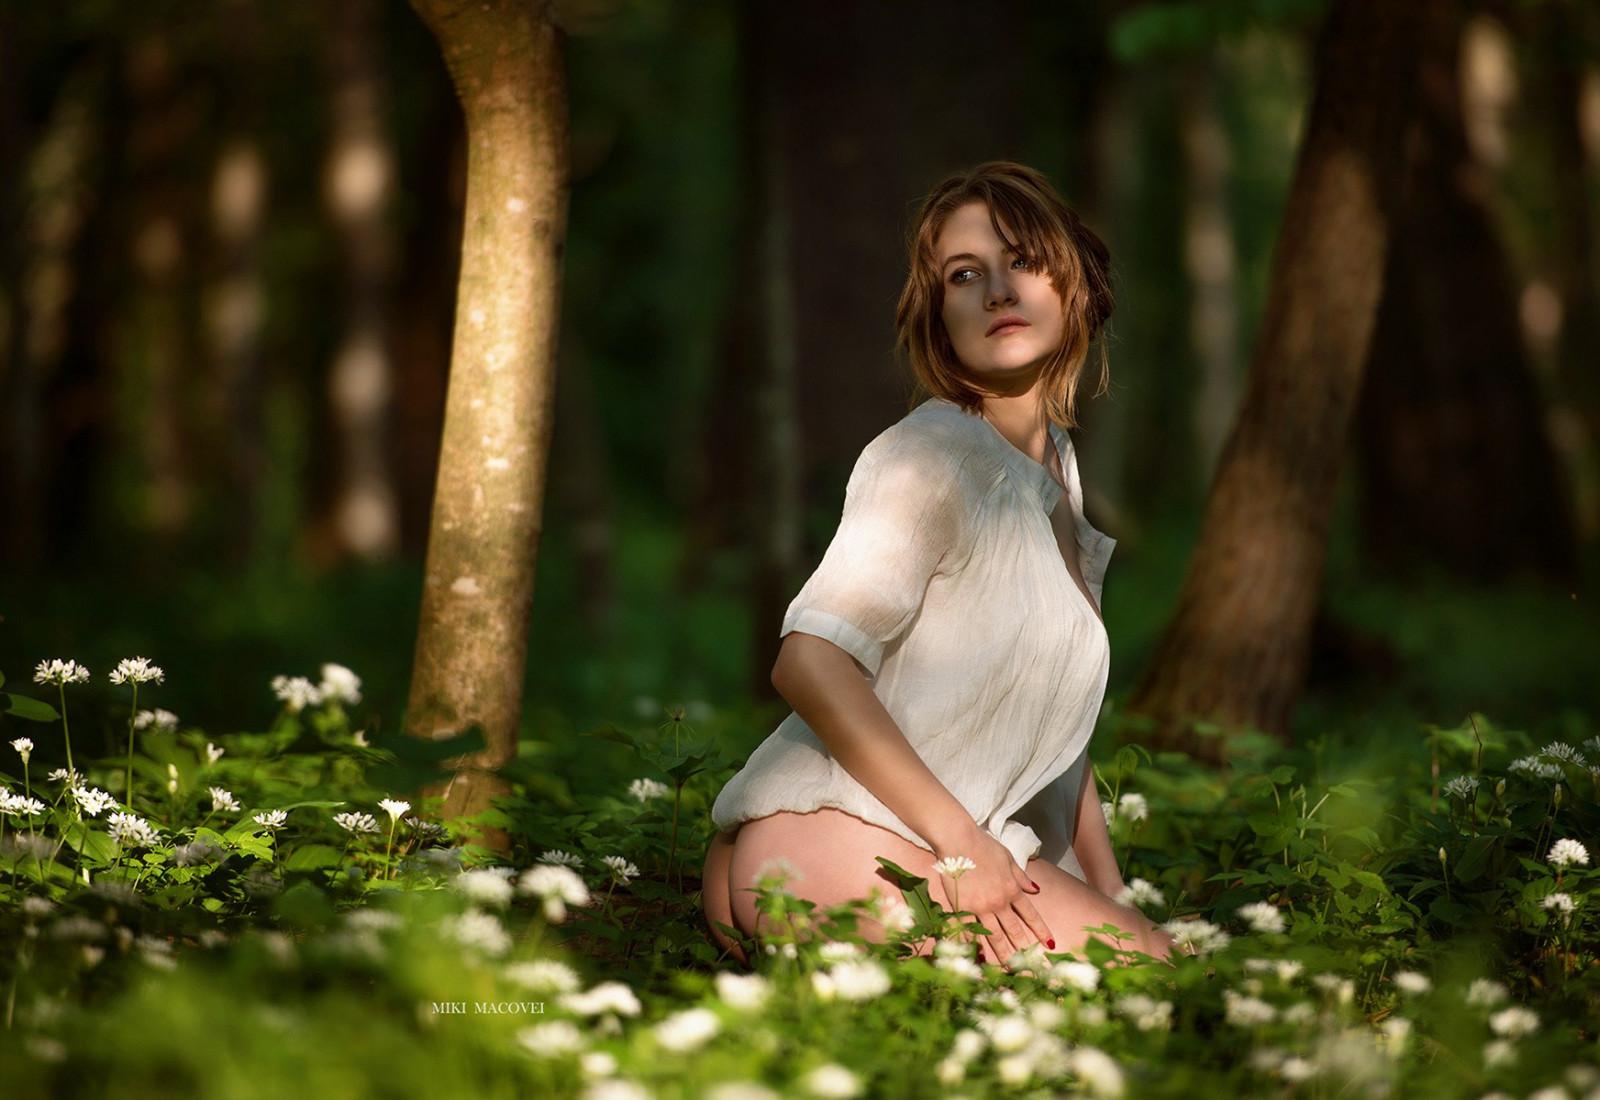 Фото зрелых русских баб на природе, Зрелые тетки на природе - 20 фото домашнее порно 10 фотография